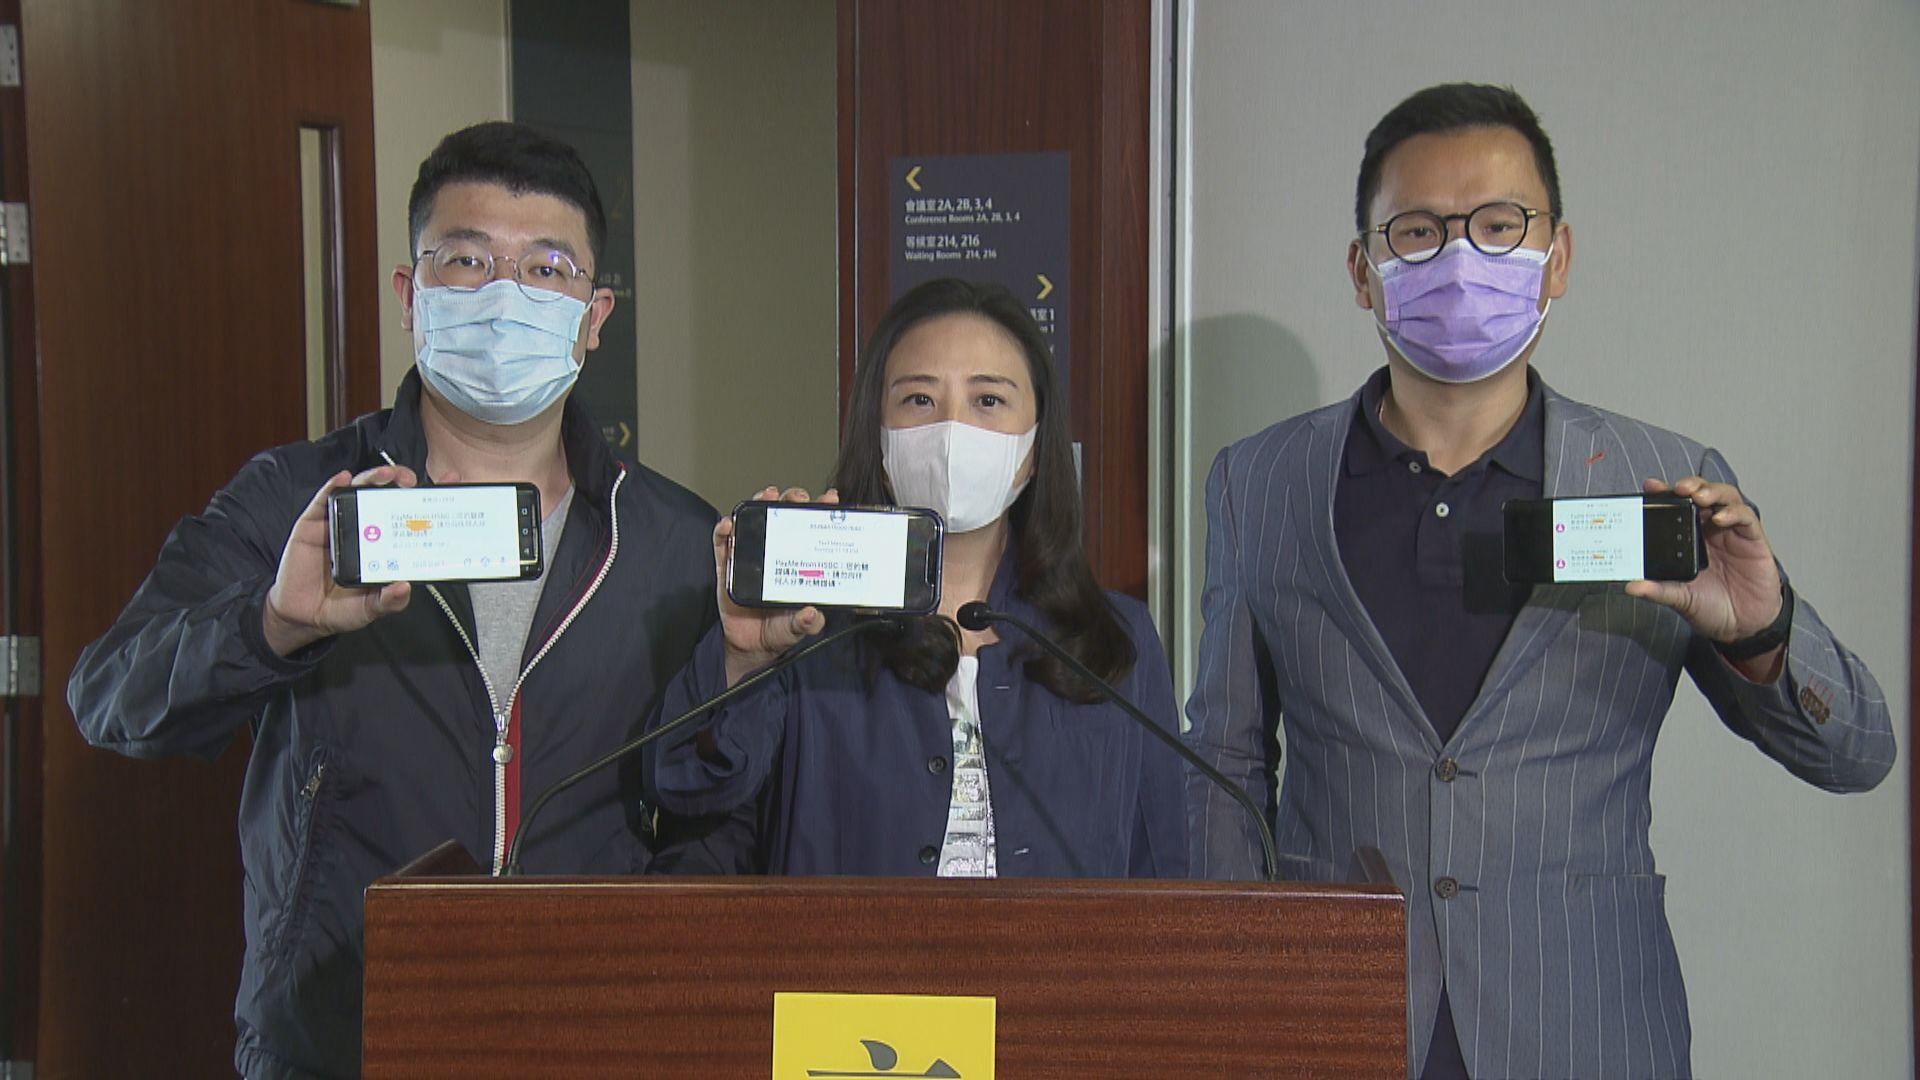 三名民建聯立法會議員收假冒銀行短訊 將報警處理